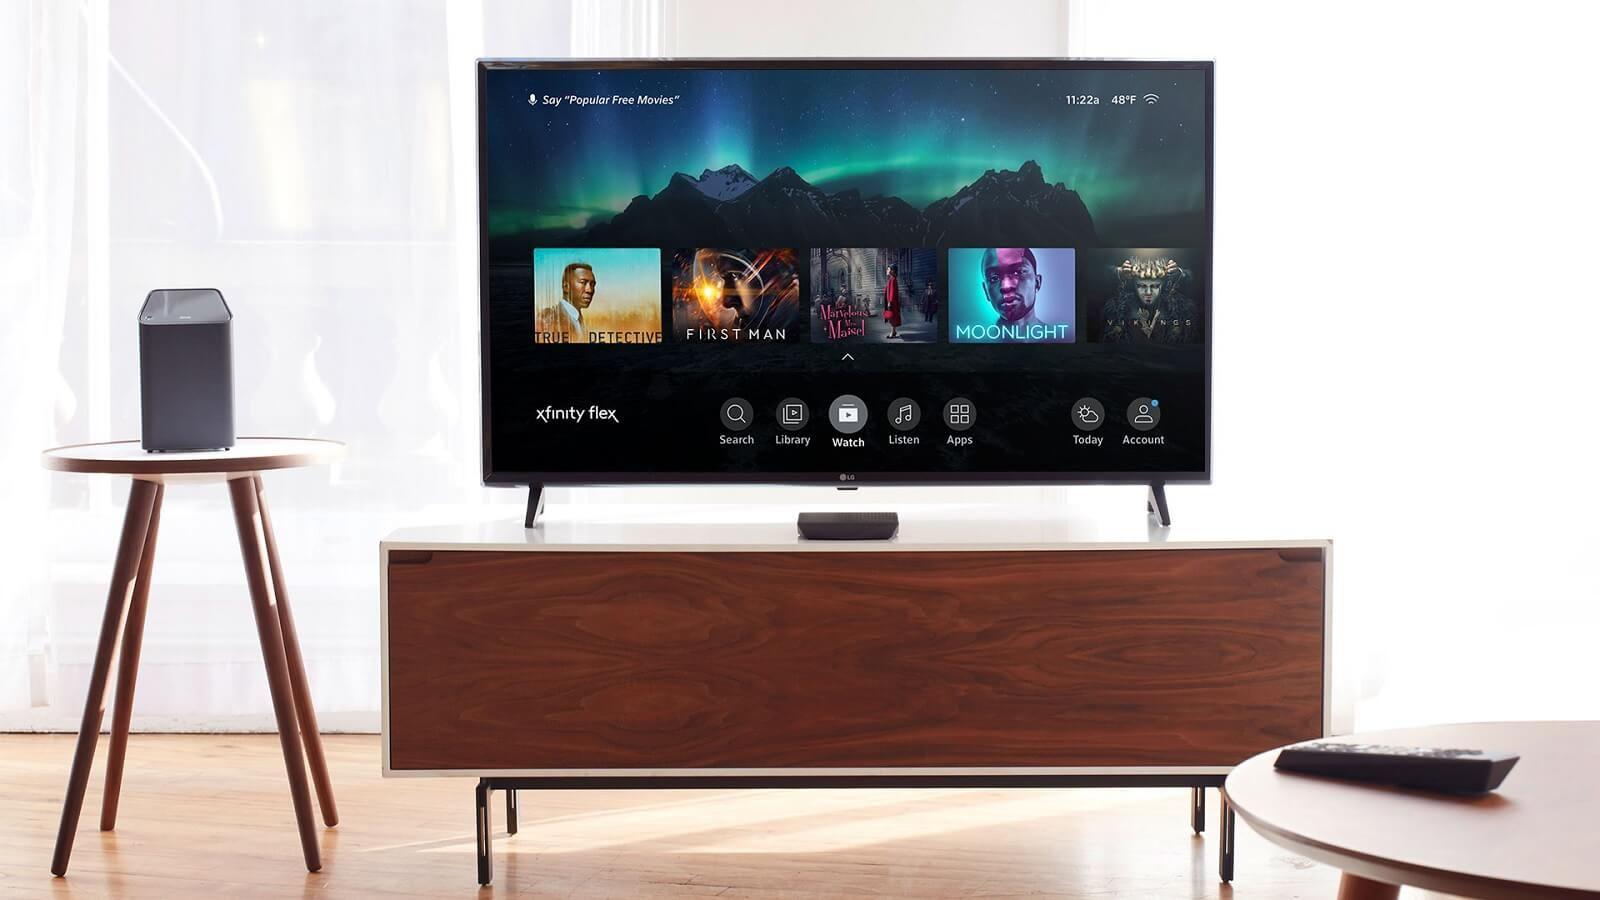 Comcast Unveils 5 Per Month Xfinity Flex Service, But You